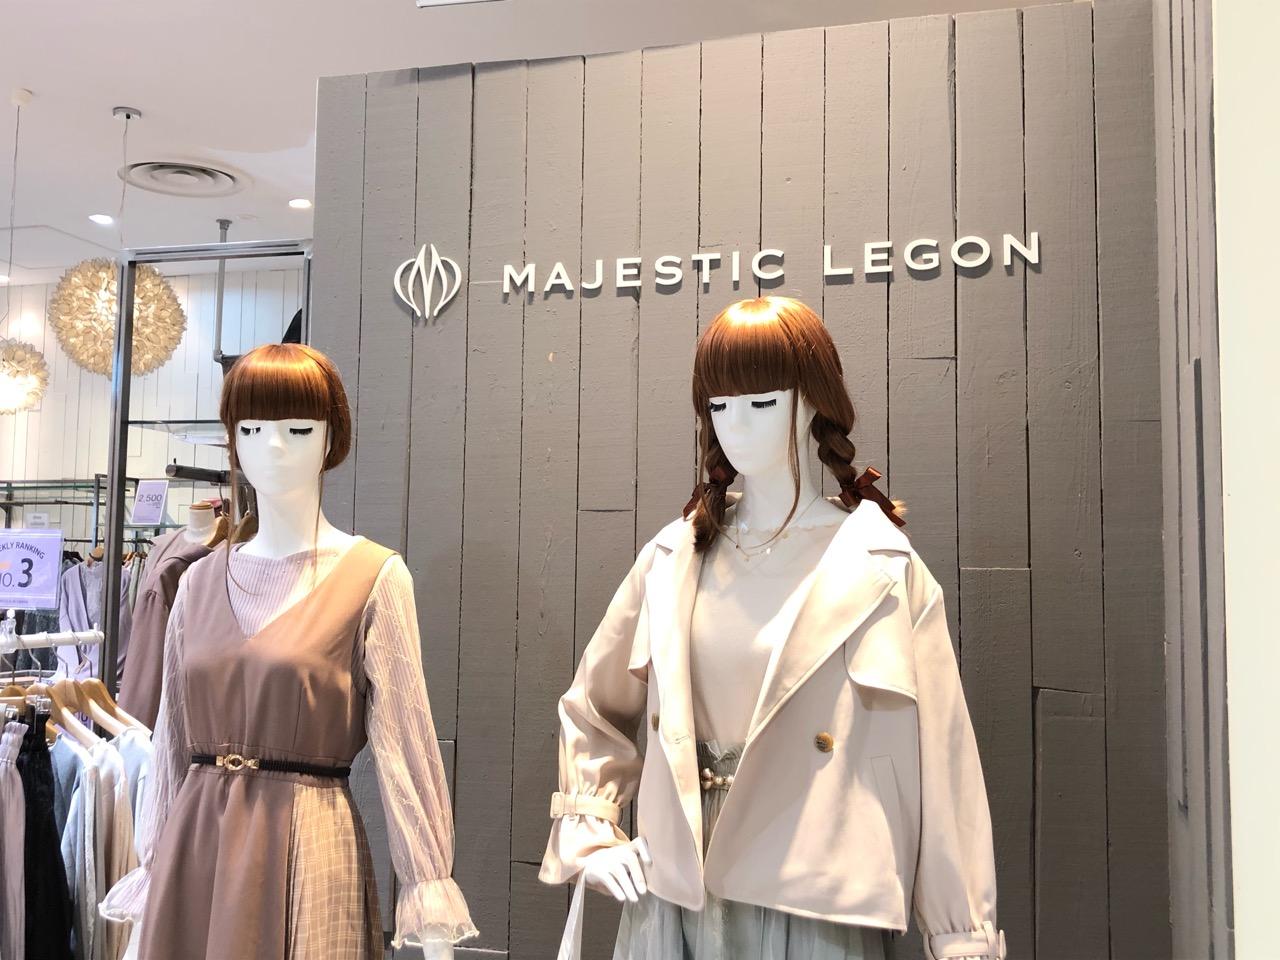 豊田市にお店を構えるマジェスティックレゴン